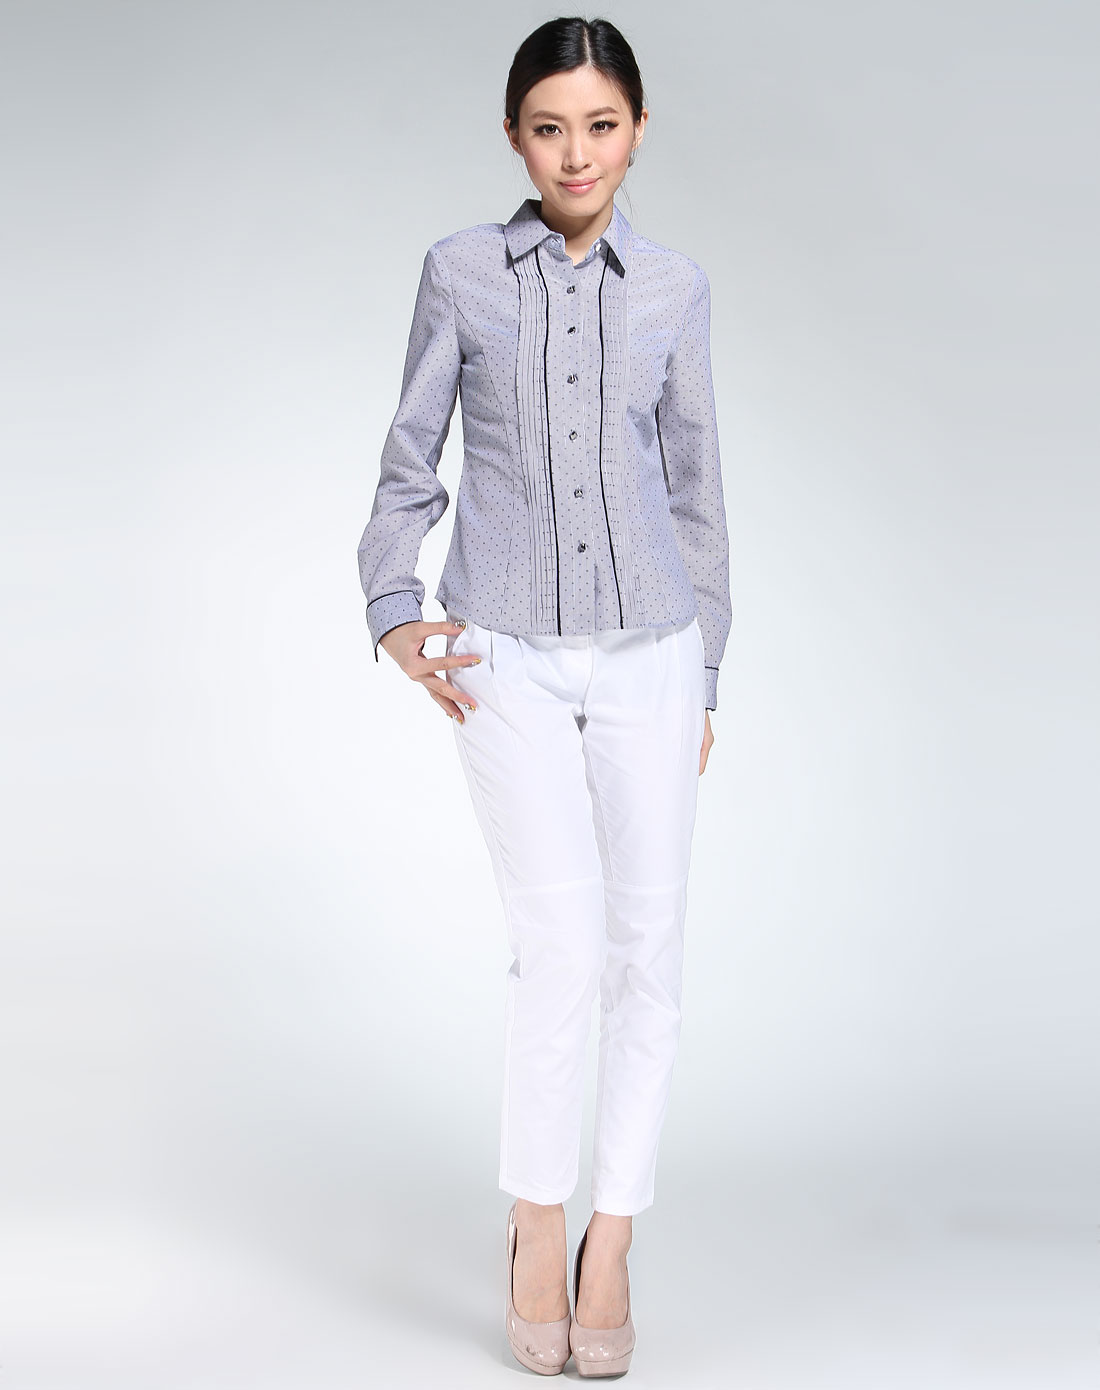 黑色圆领条纹长袖衬衫